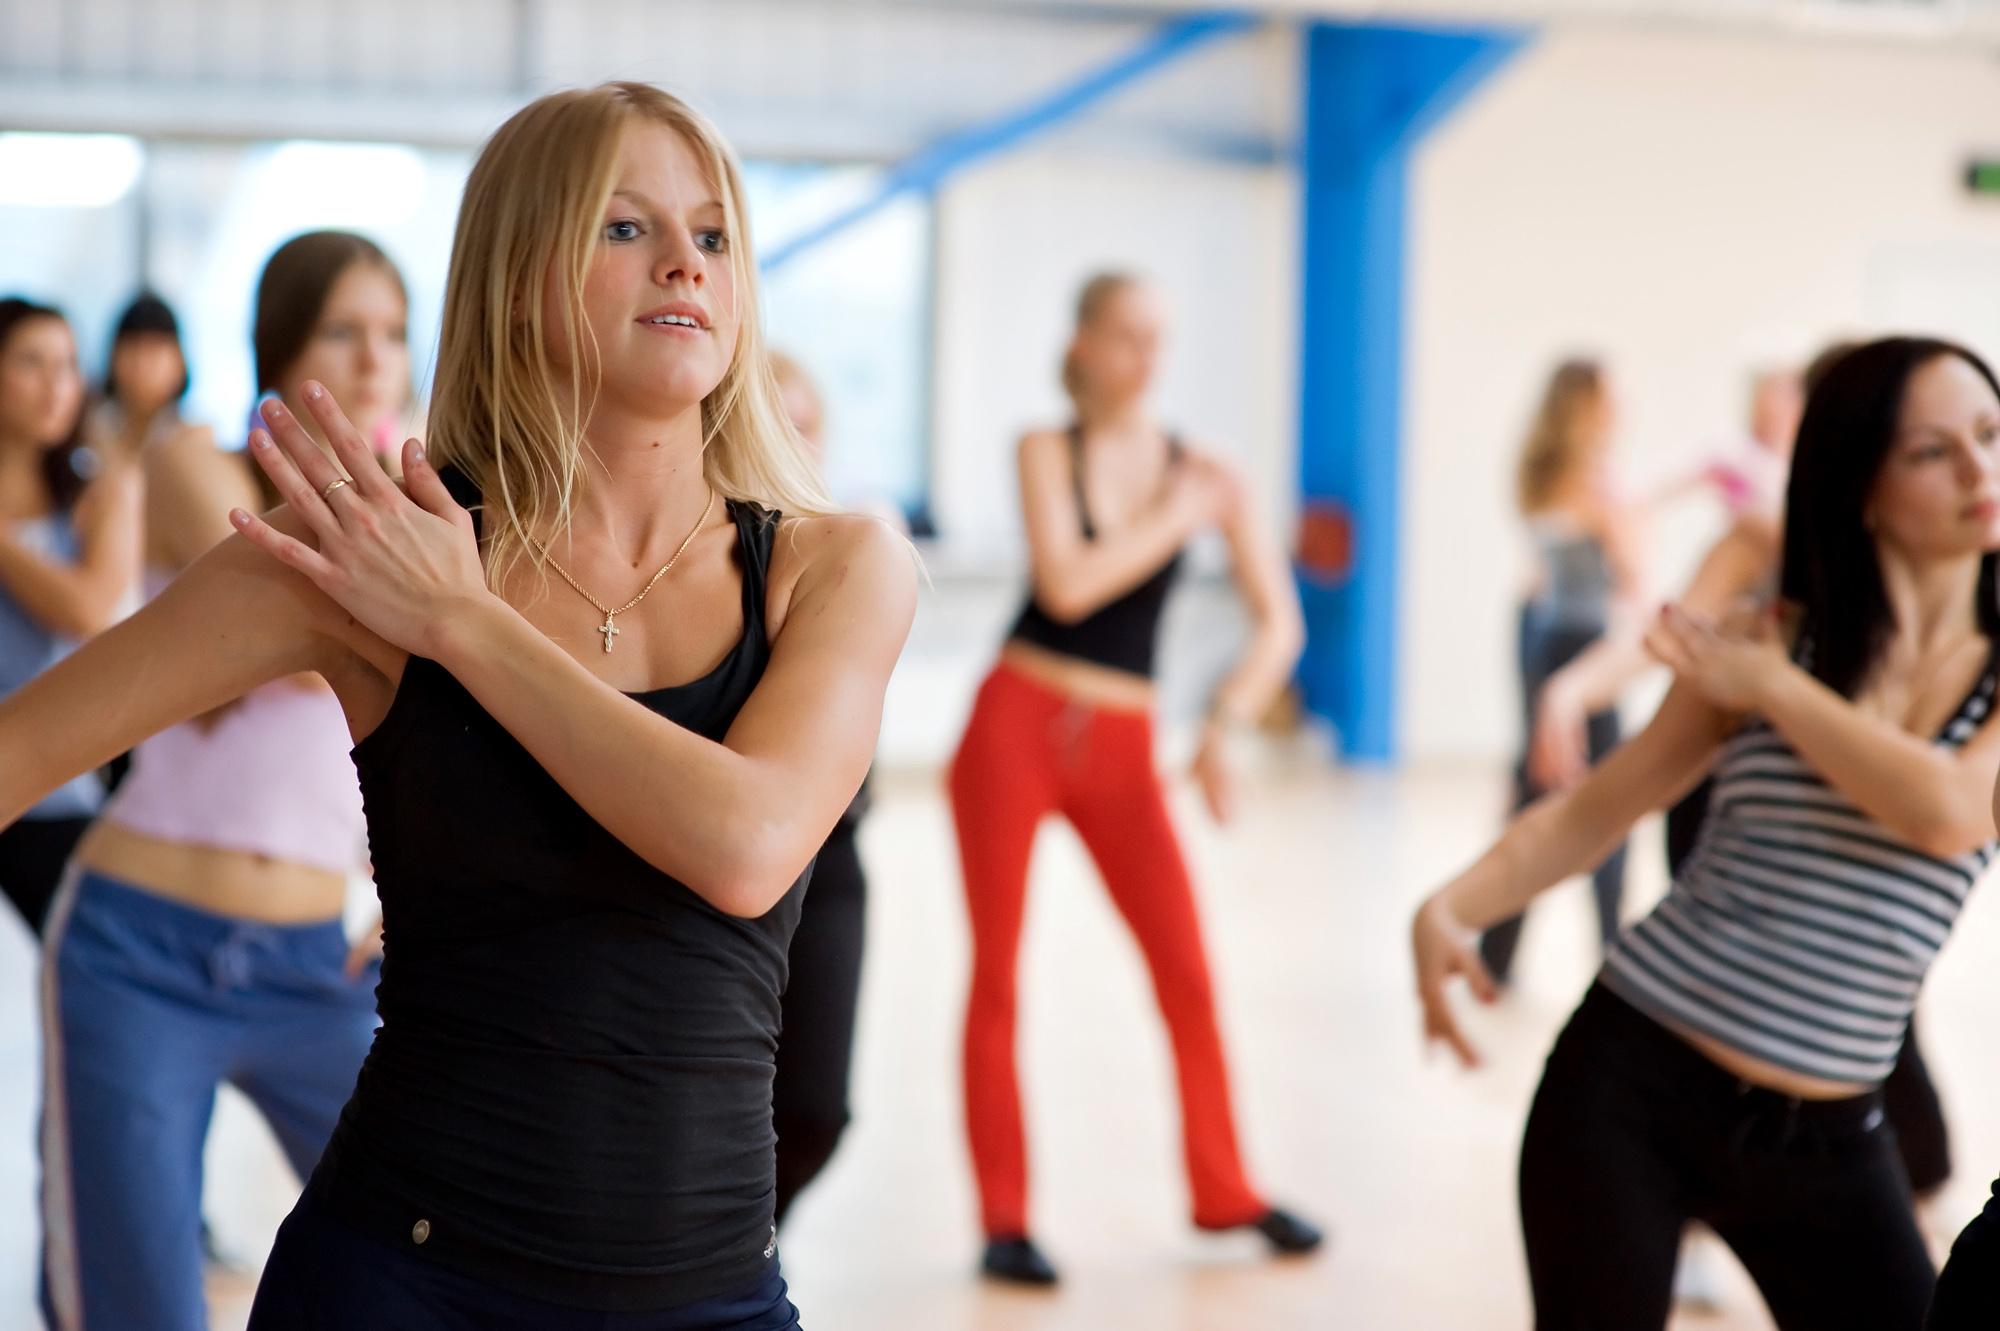 Аэробика для похудения: лучшие программы для начинающих и опытных спортсменов